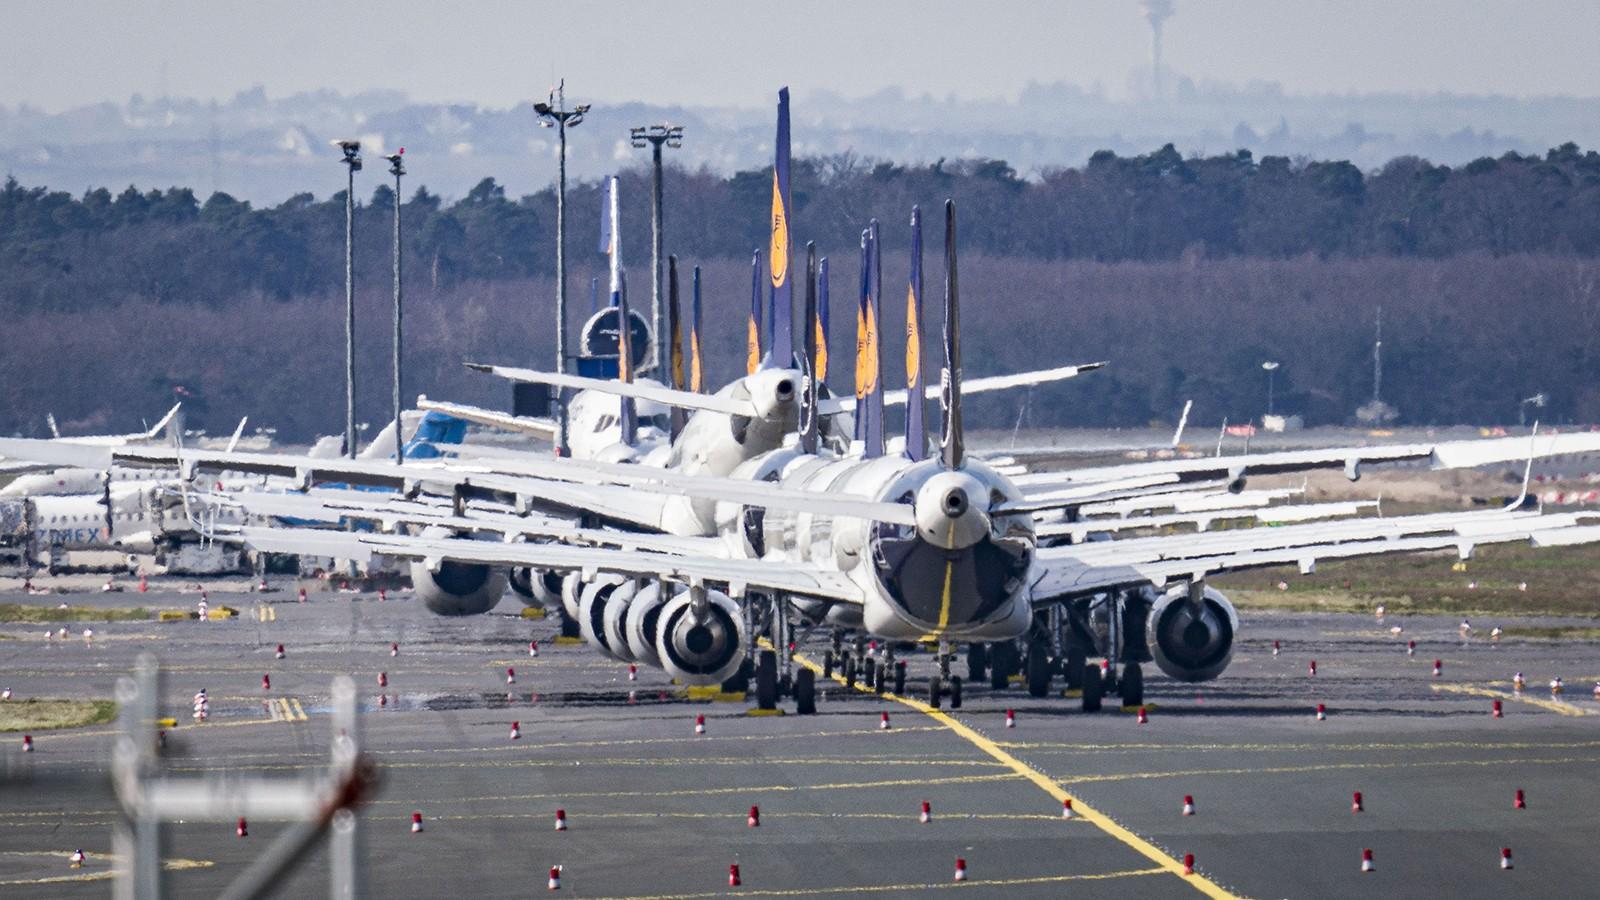 Dừng vận chuyển khách đến Việt Nam kể từ 0h ngày 1/4 đến hết ngày 15/4.